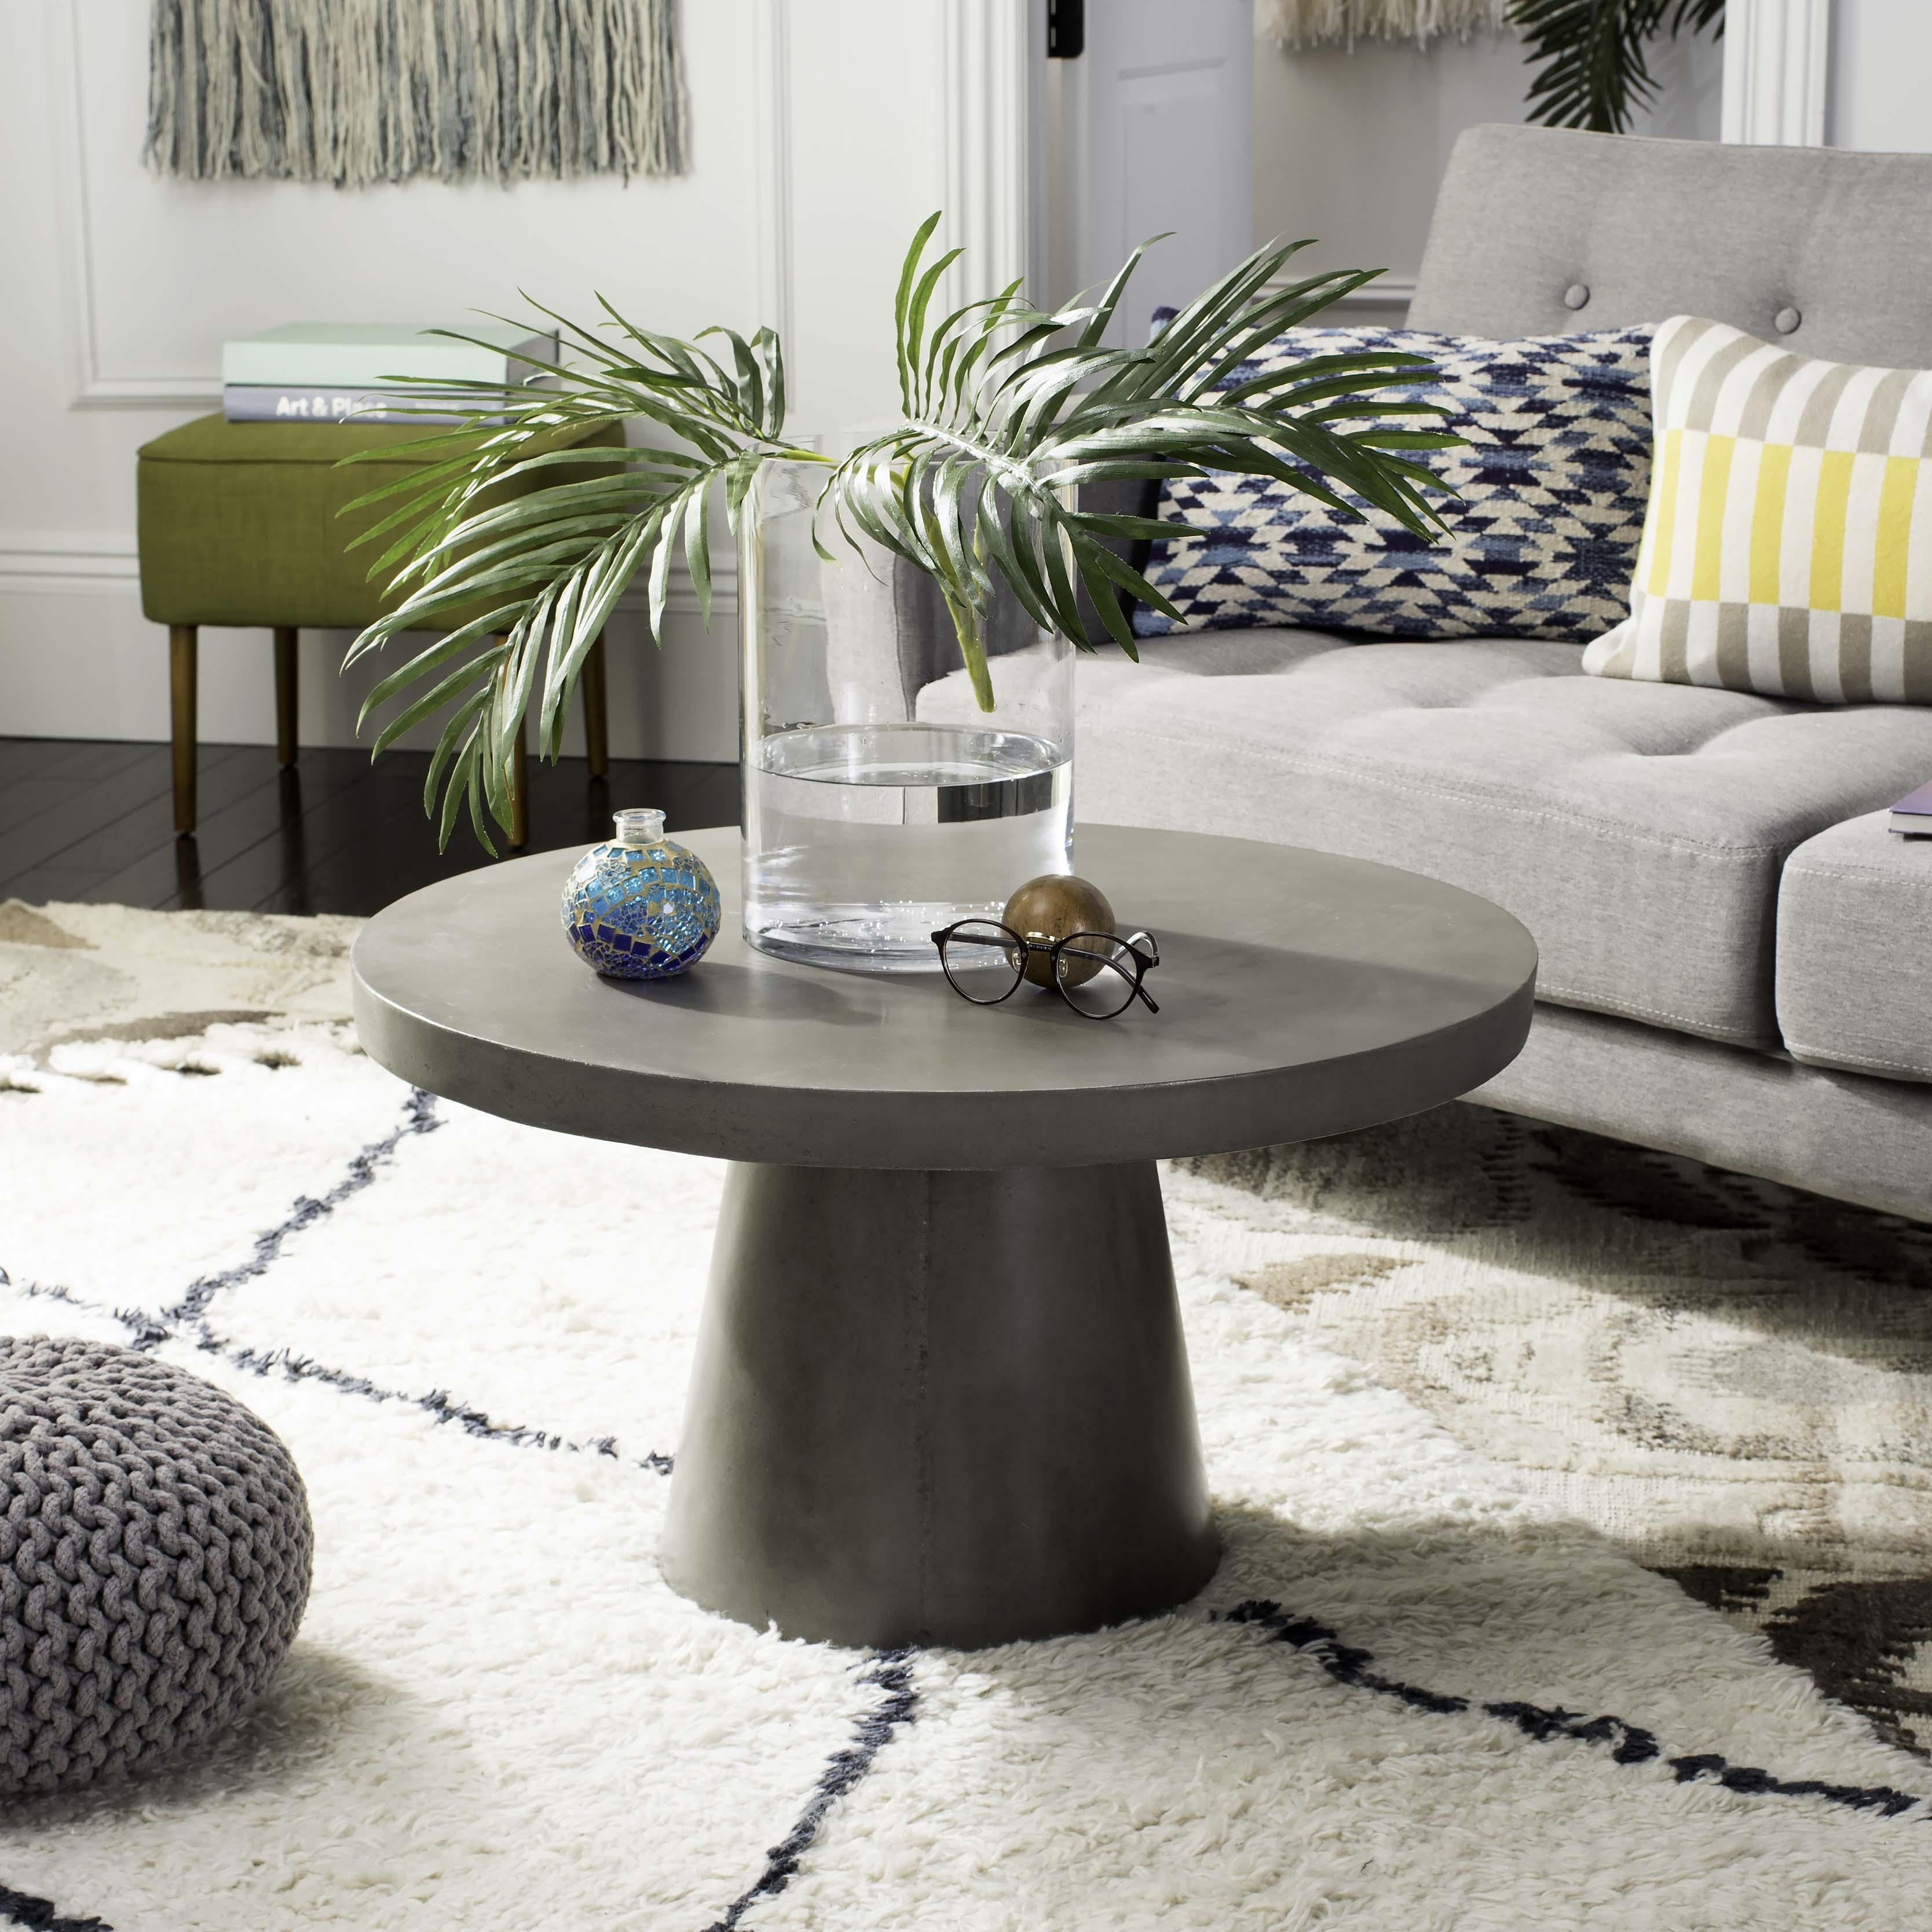 Table de basse intérieur/extérieur en béton gris foncé